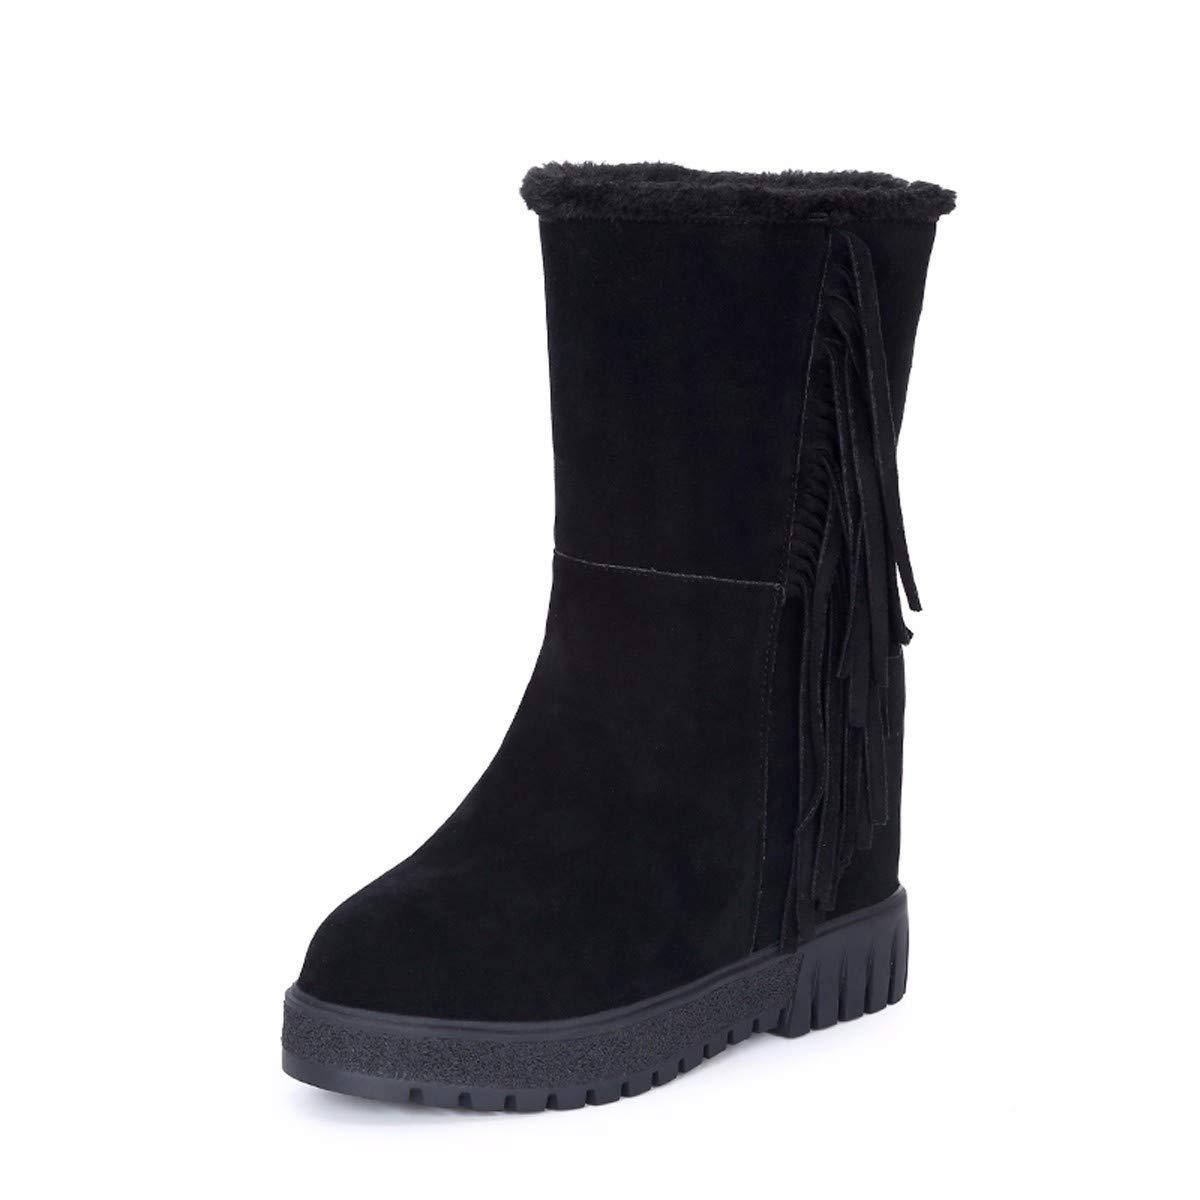 KPHY Damenschuhe Die Innere Größe Stiefel Heel 10Cm Samt Warm Stiefeln Fass Quasten Baitie Martin Stiefel Baumwolle Schuhe